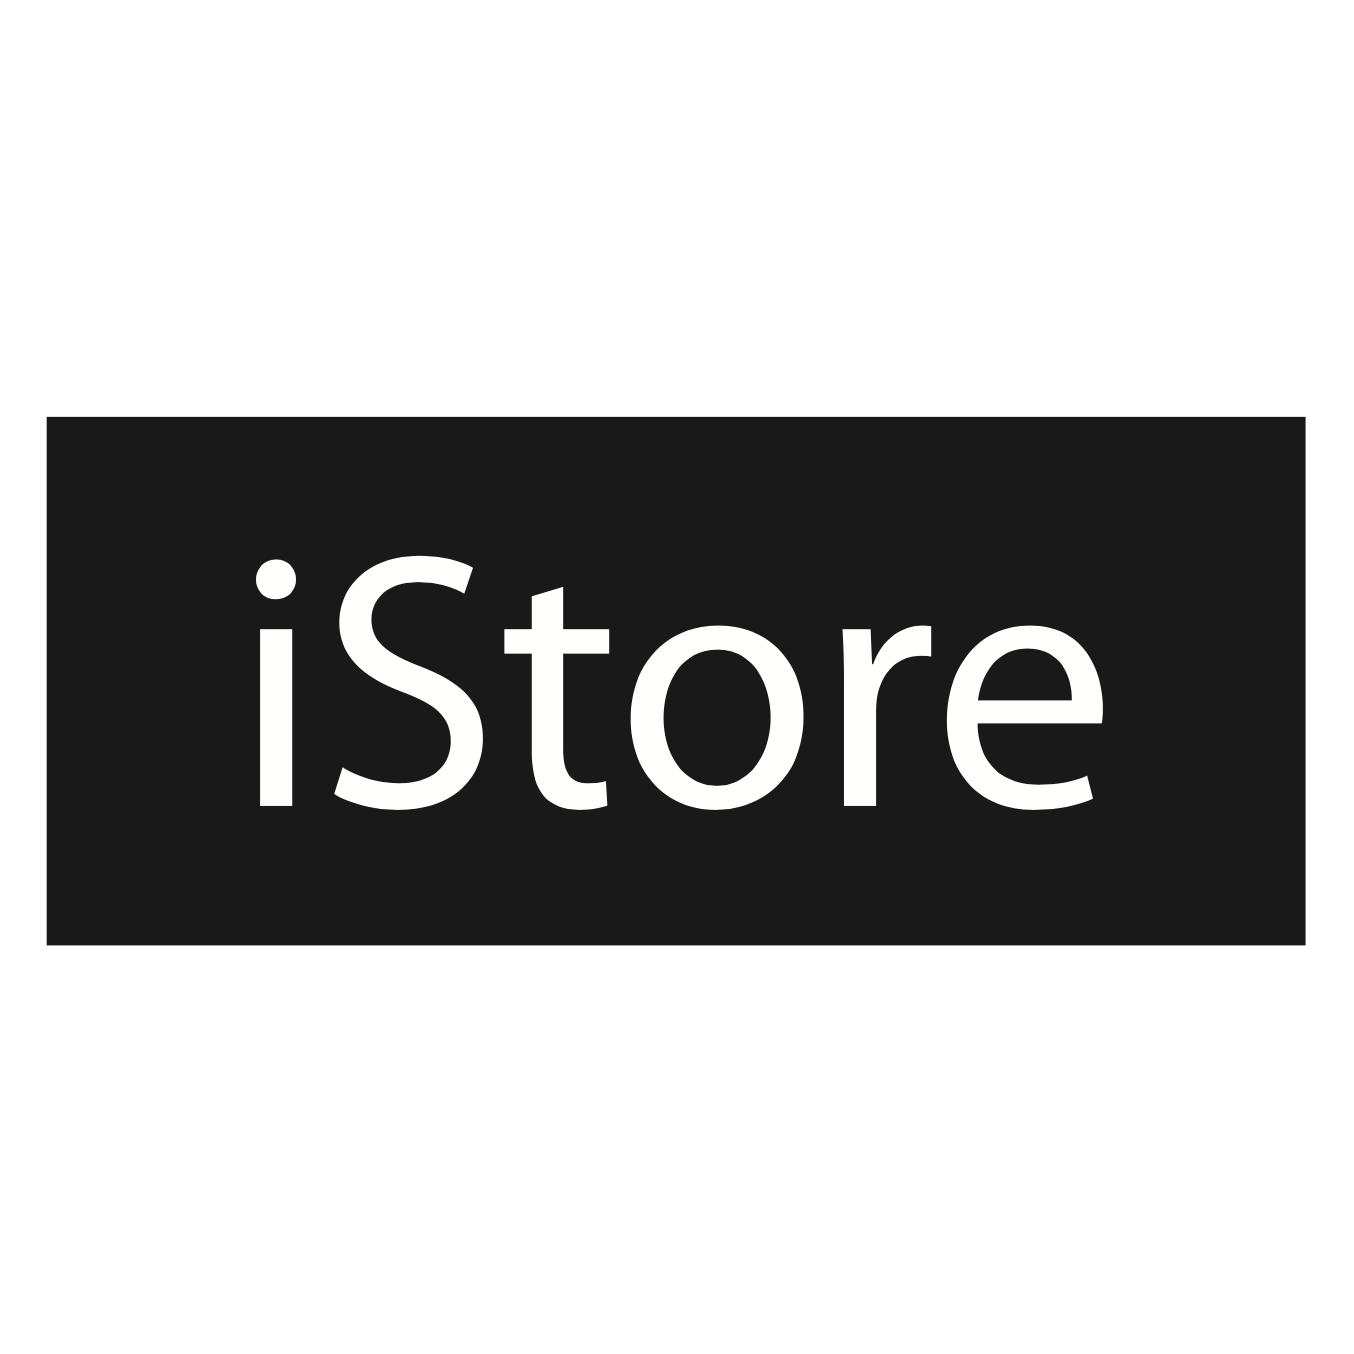 iPhone Xs 512GB - Silver